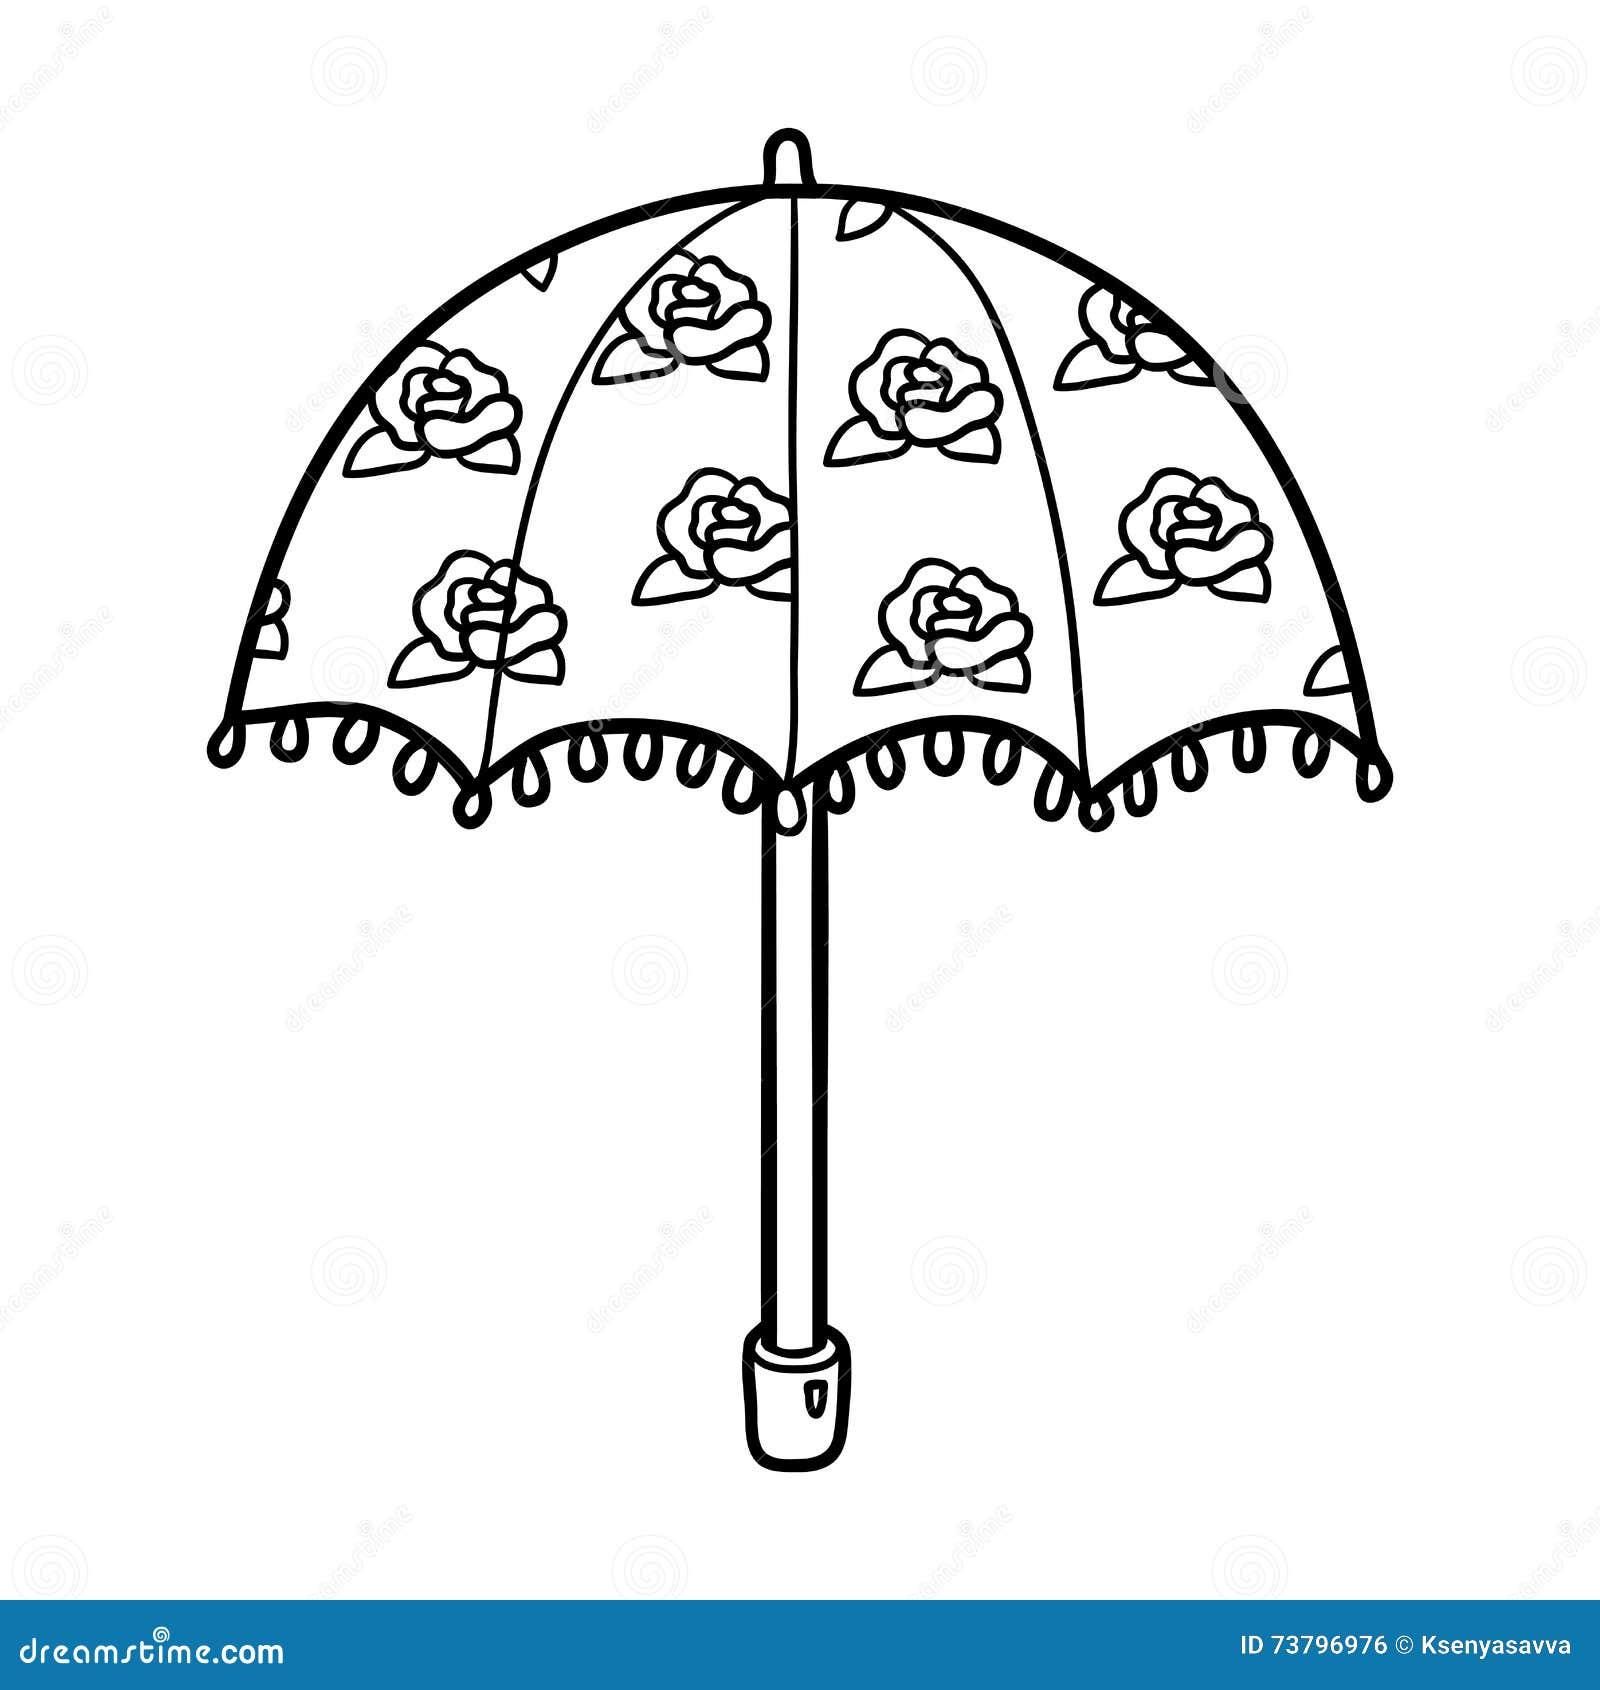 Coloring Book For Children Umbrella